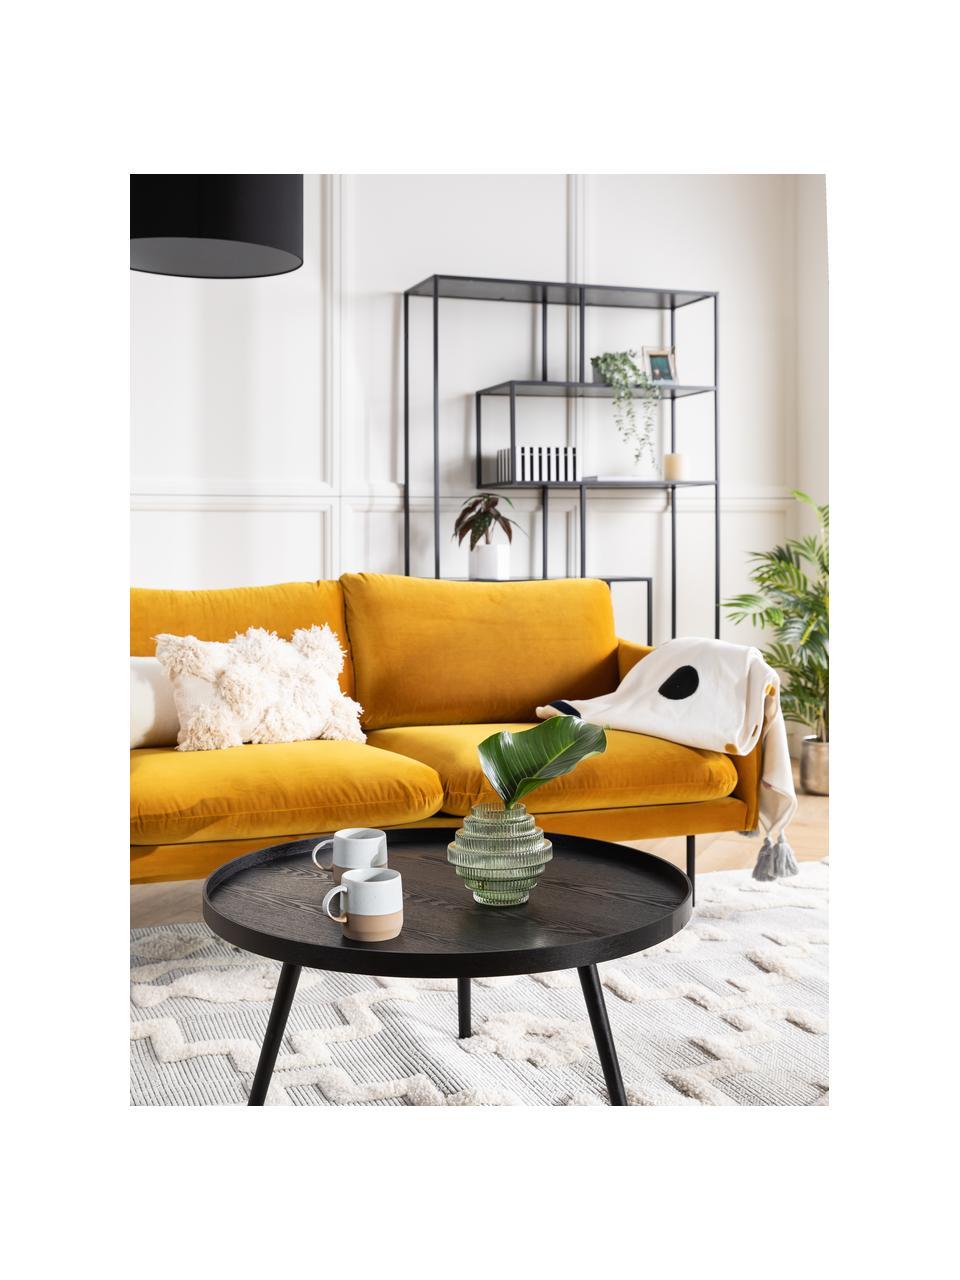 Divano angolare in velluto giallo senape Moby, Rivestimento: velluto (rivestimento in , Struttura: legno di pino massiccio, Velluto giallo senape, Larg. 280 x Prof. 160 cm